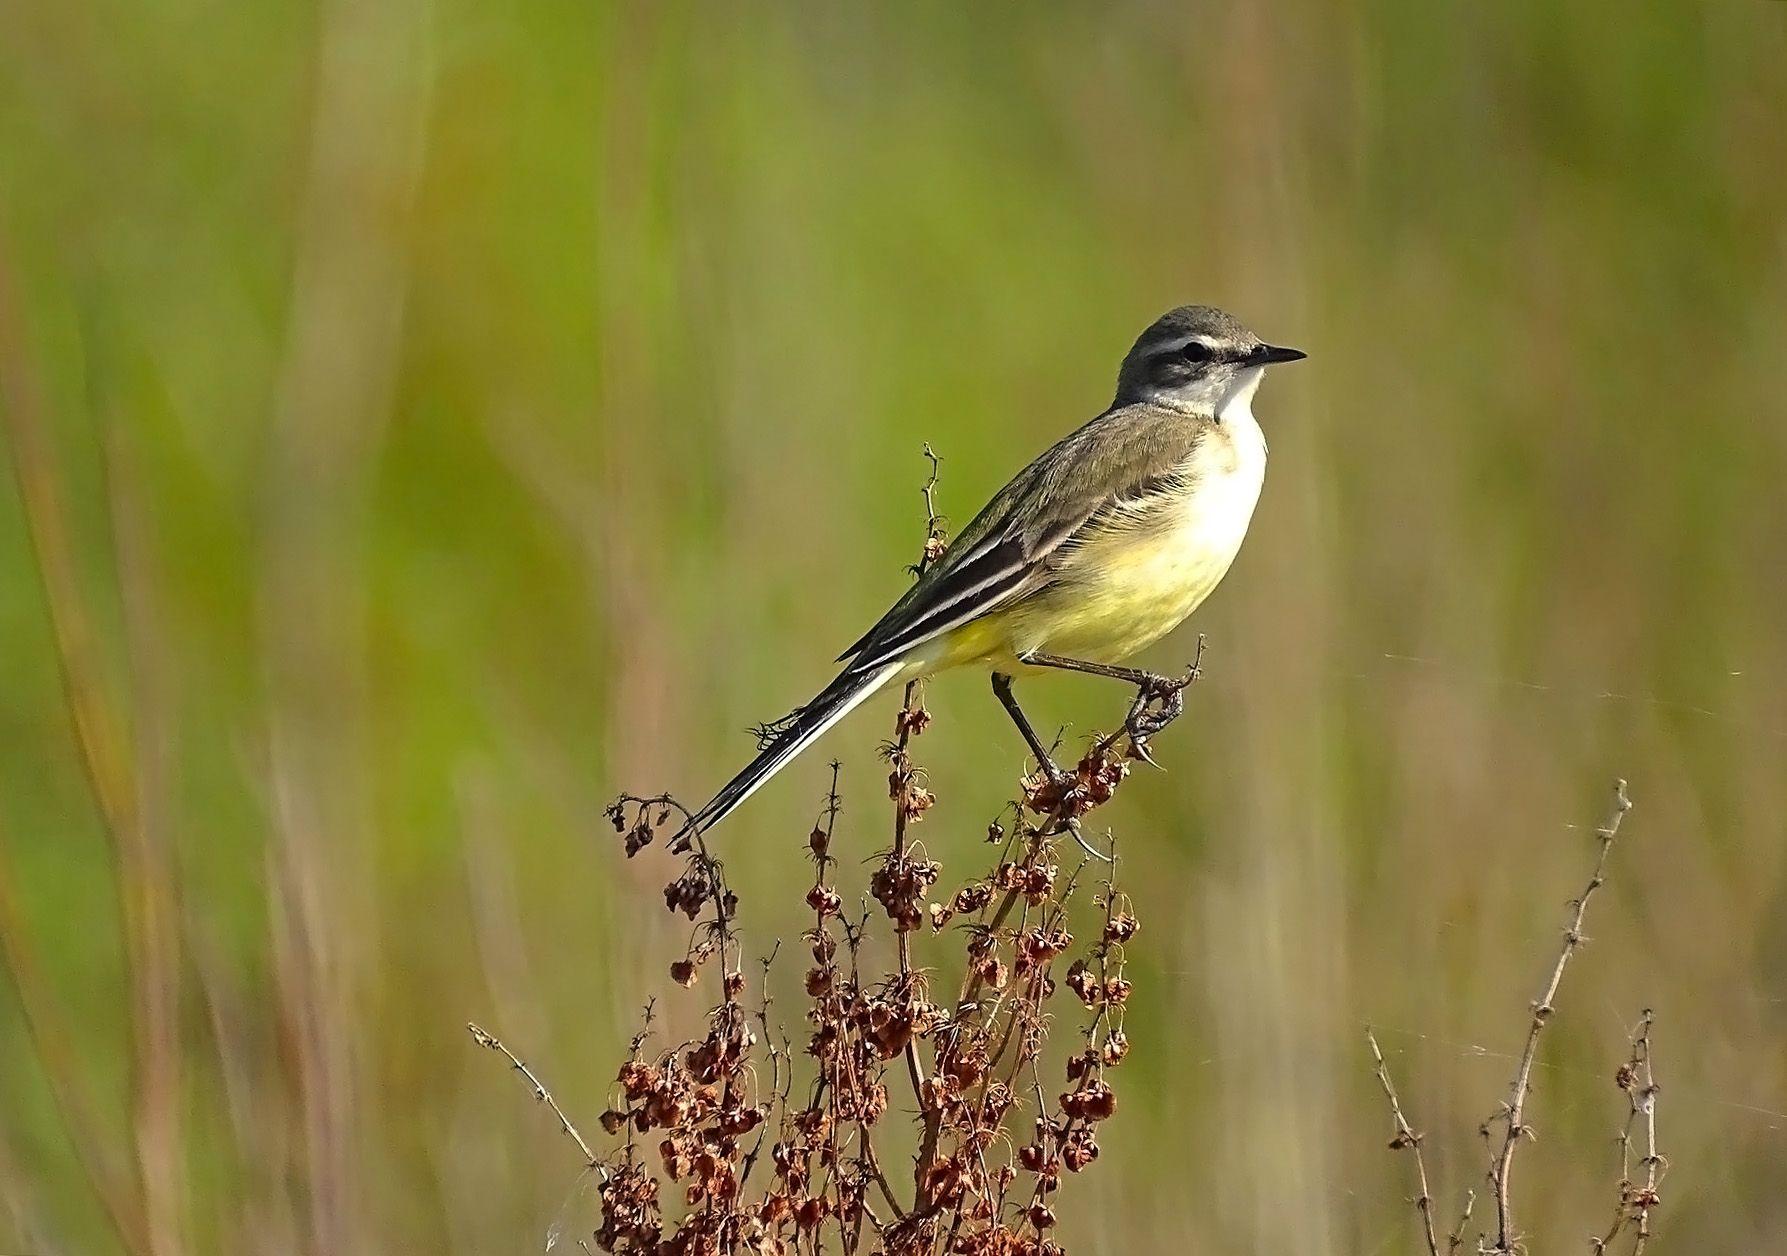 Желтая трясогузка Сибирь дикие птицы фотоохота